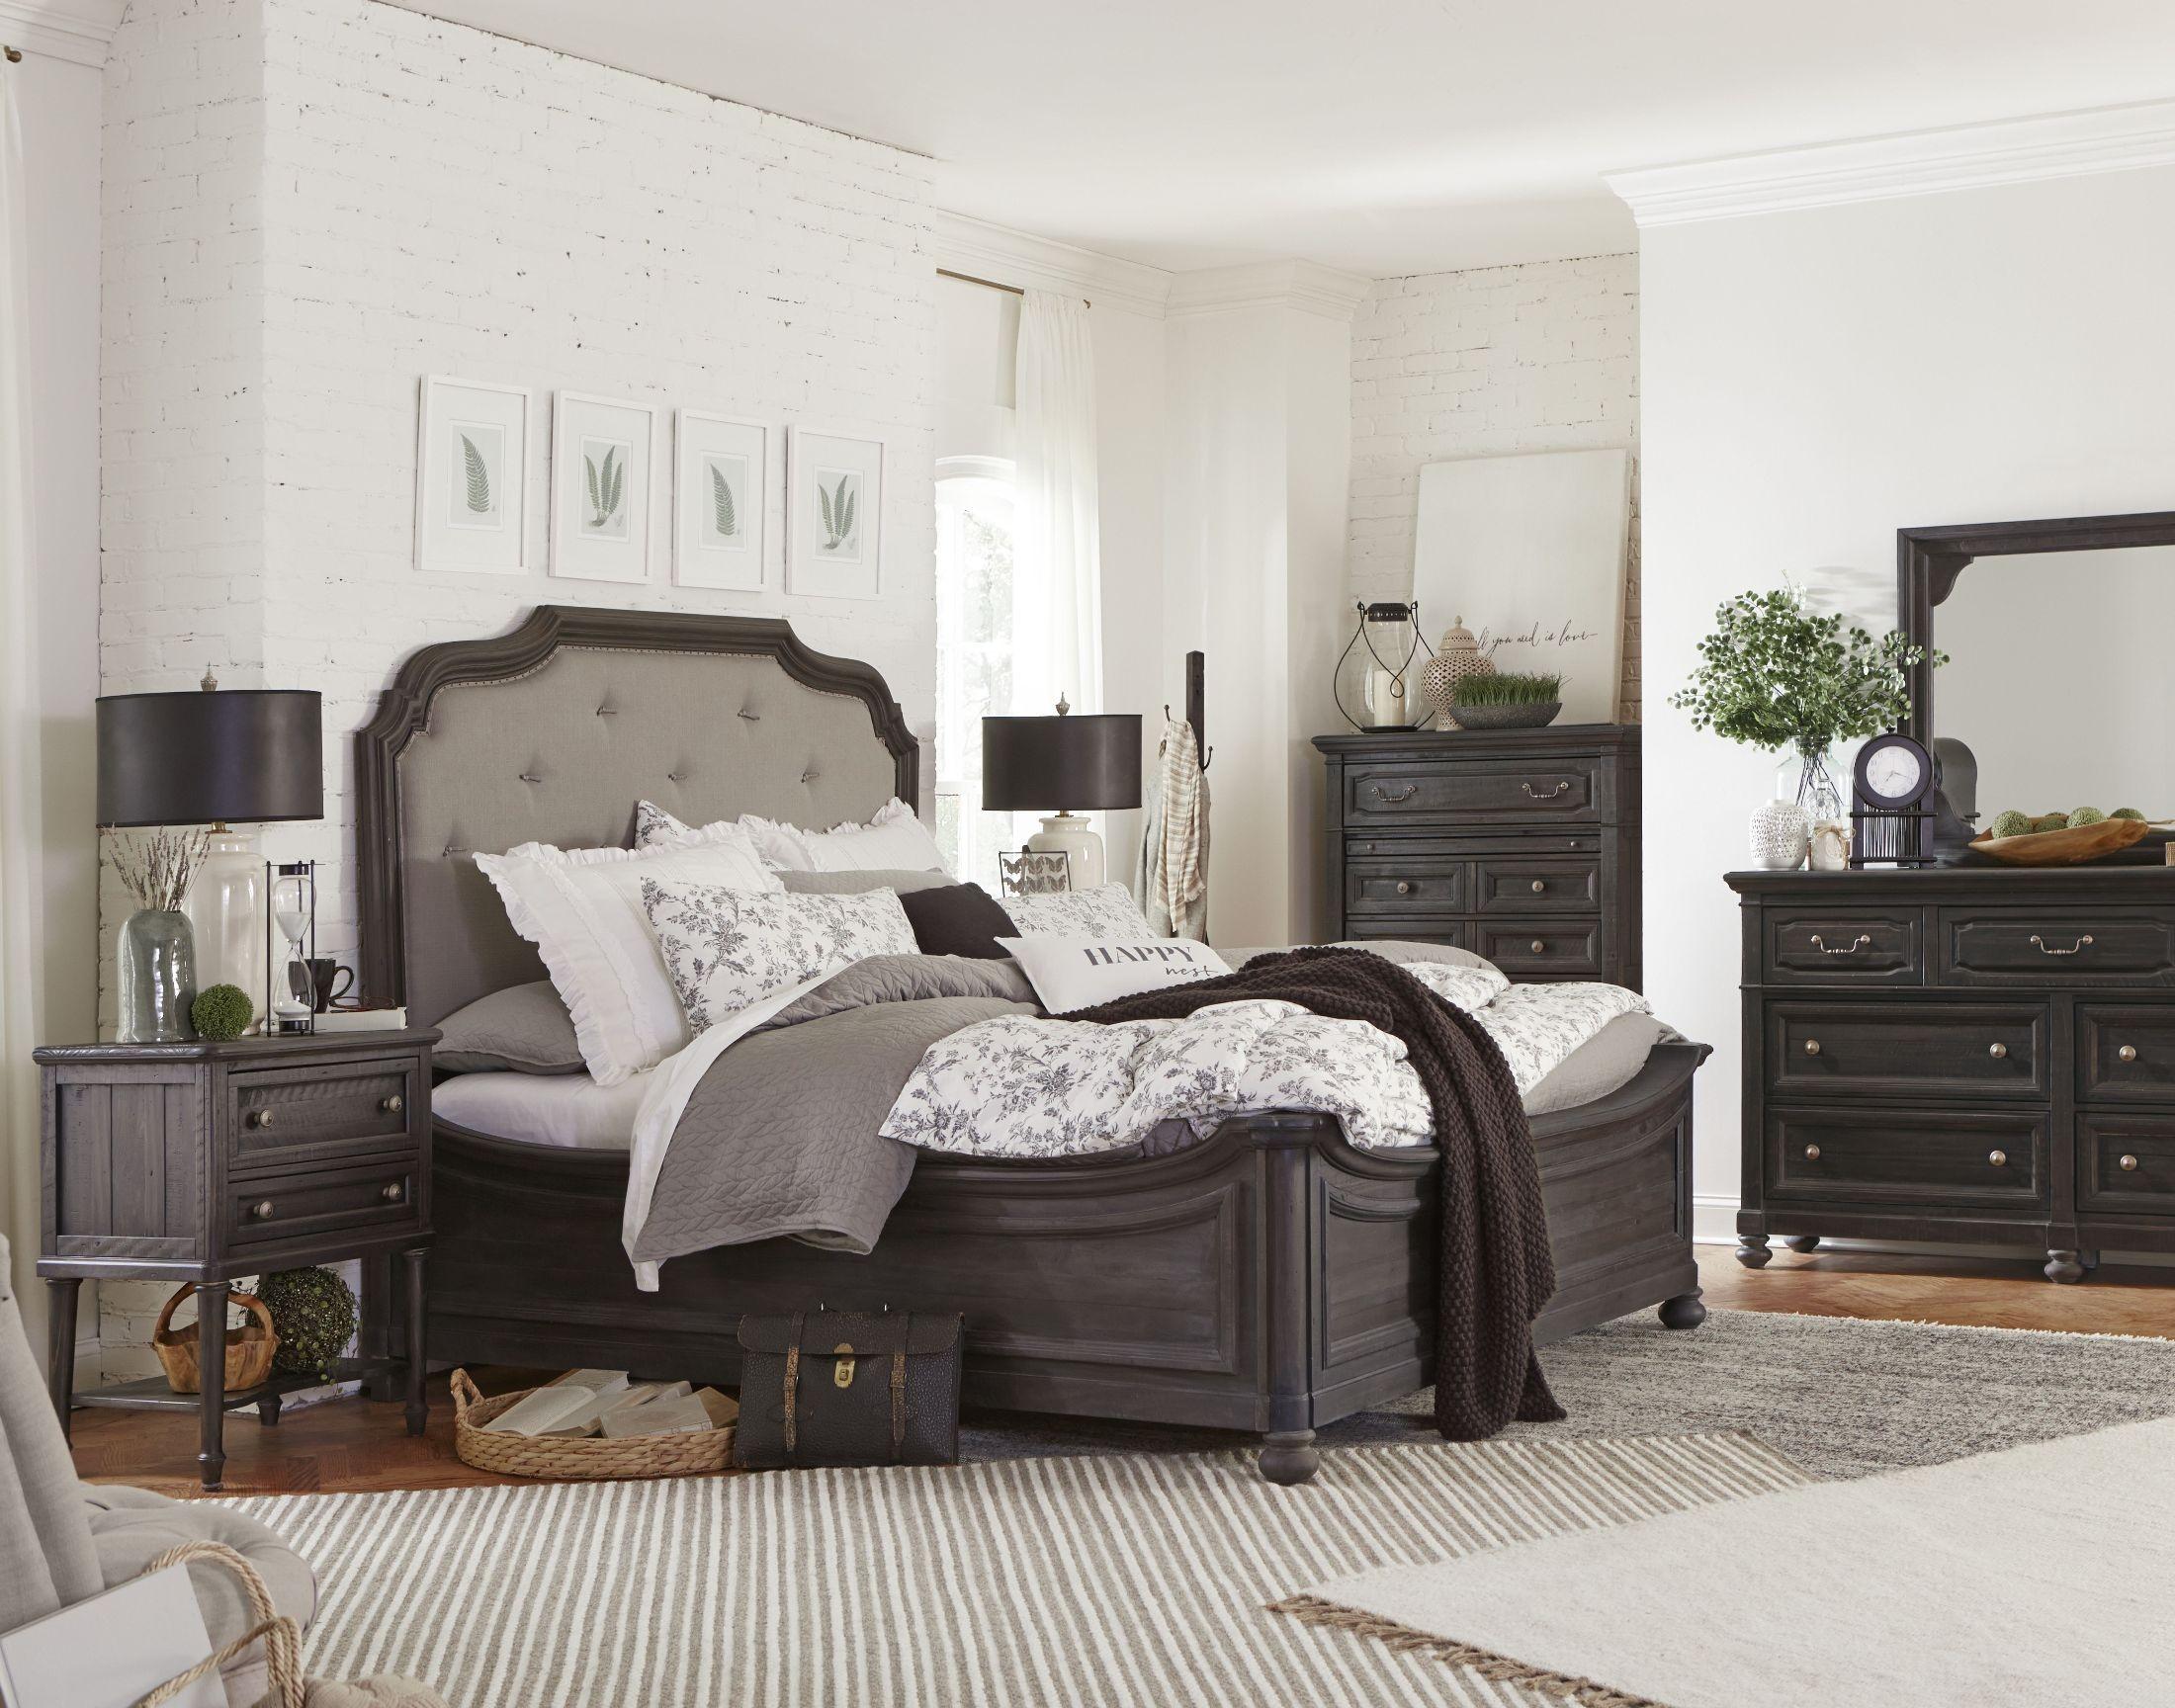 Bedford Corners Black Upholstered Island Bedroom Set From Magnussen Home |  Coleman Furniture